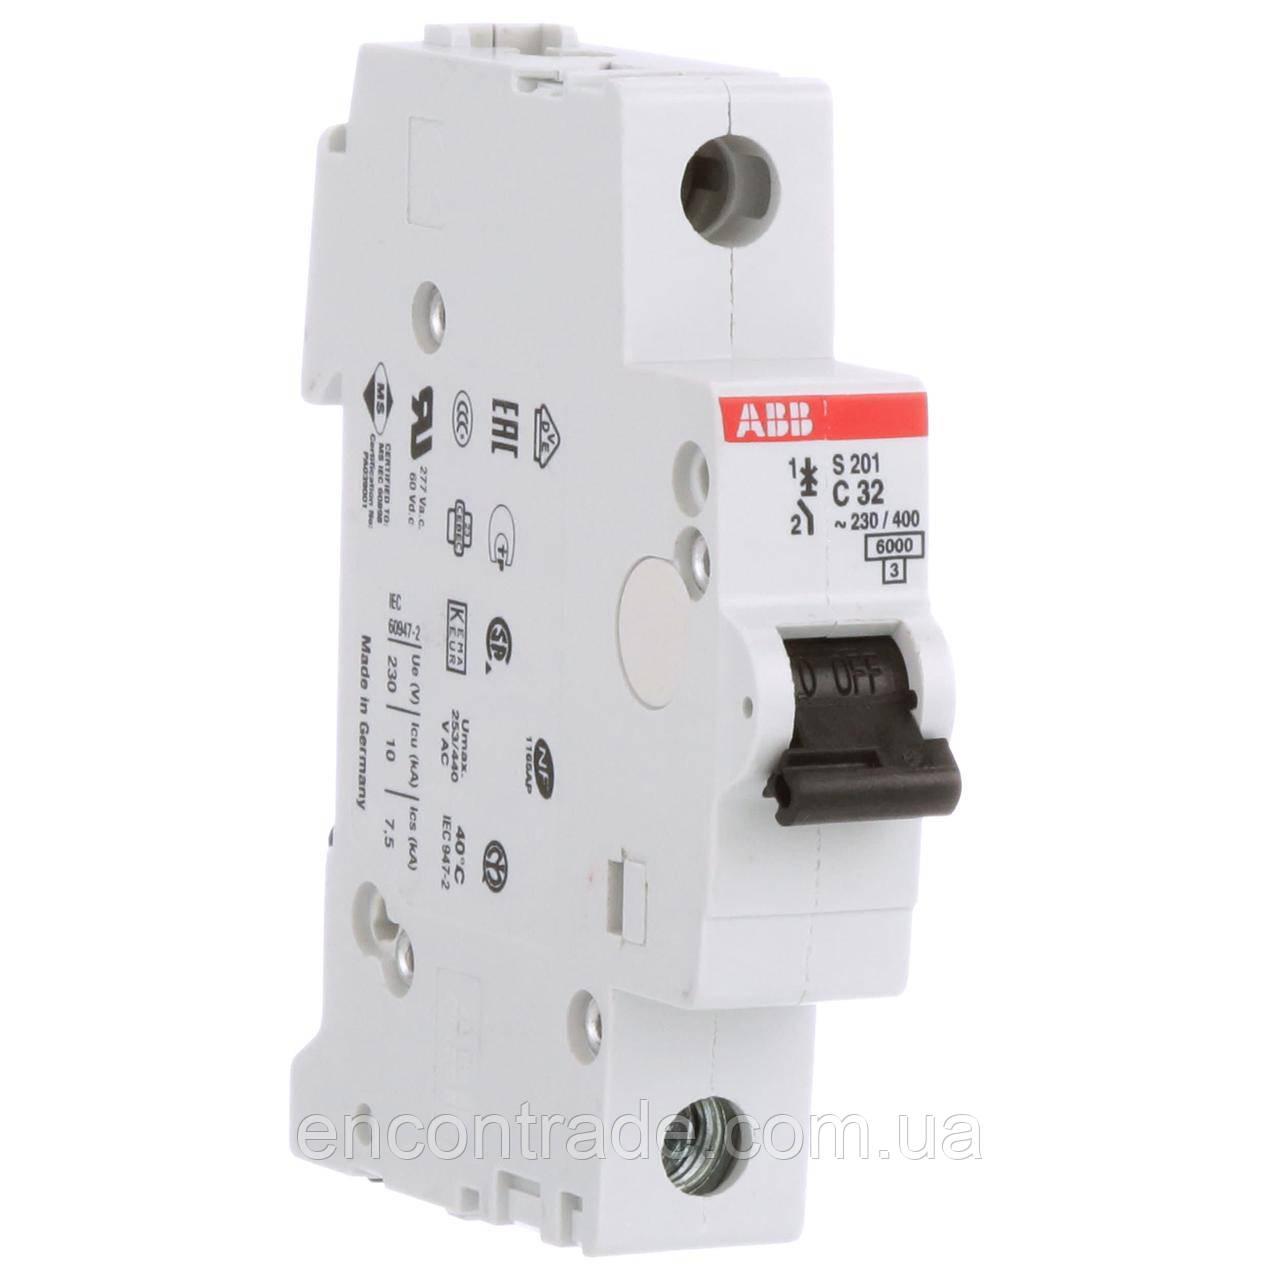 2CDS251001R0064  Автоматичний вимикач ABB S201-C6